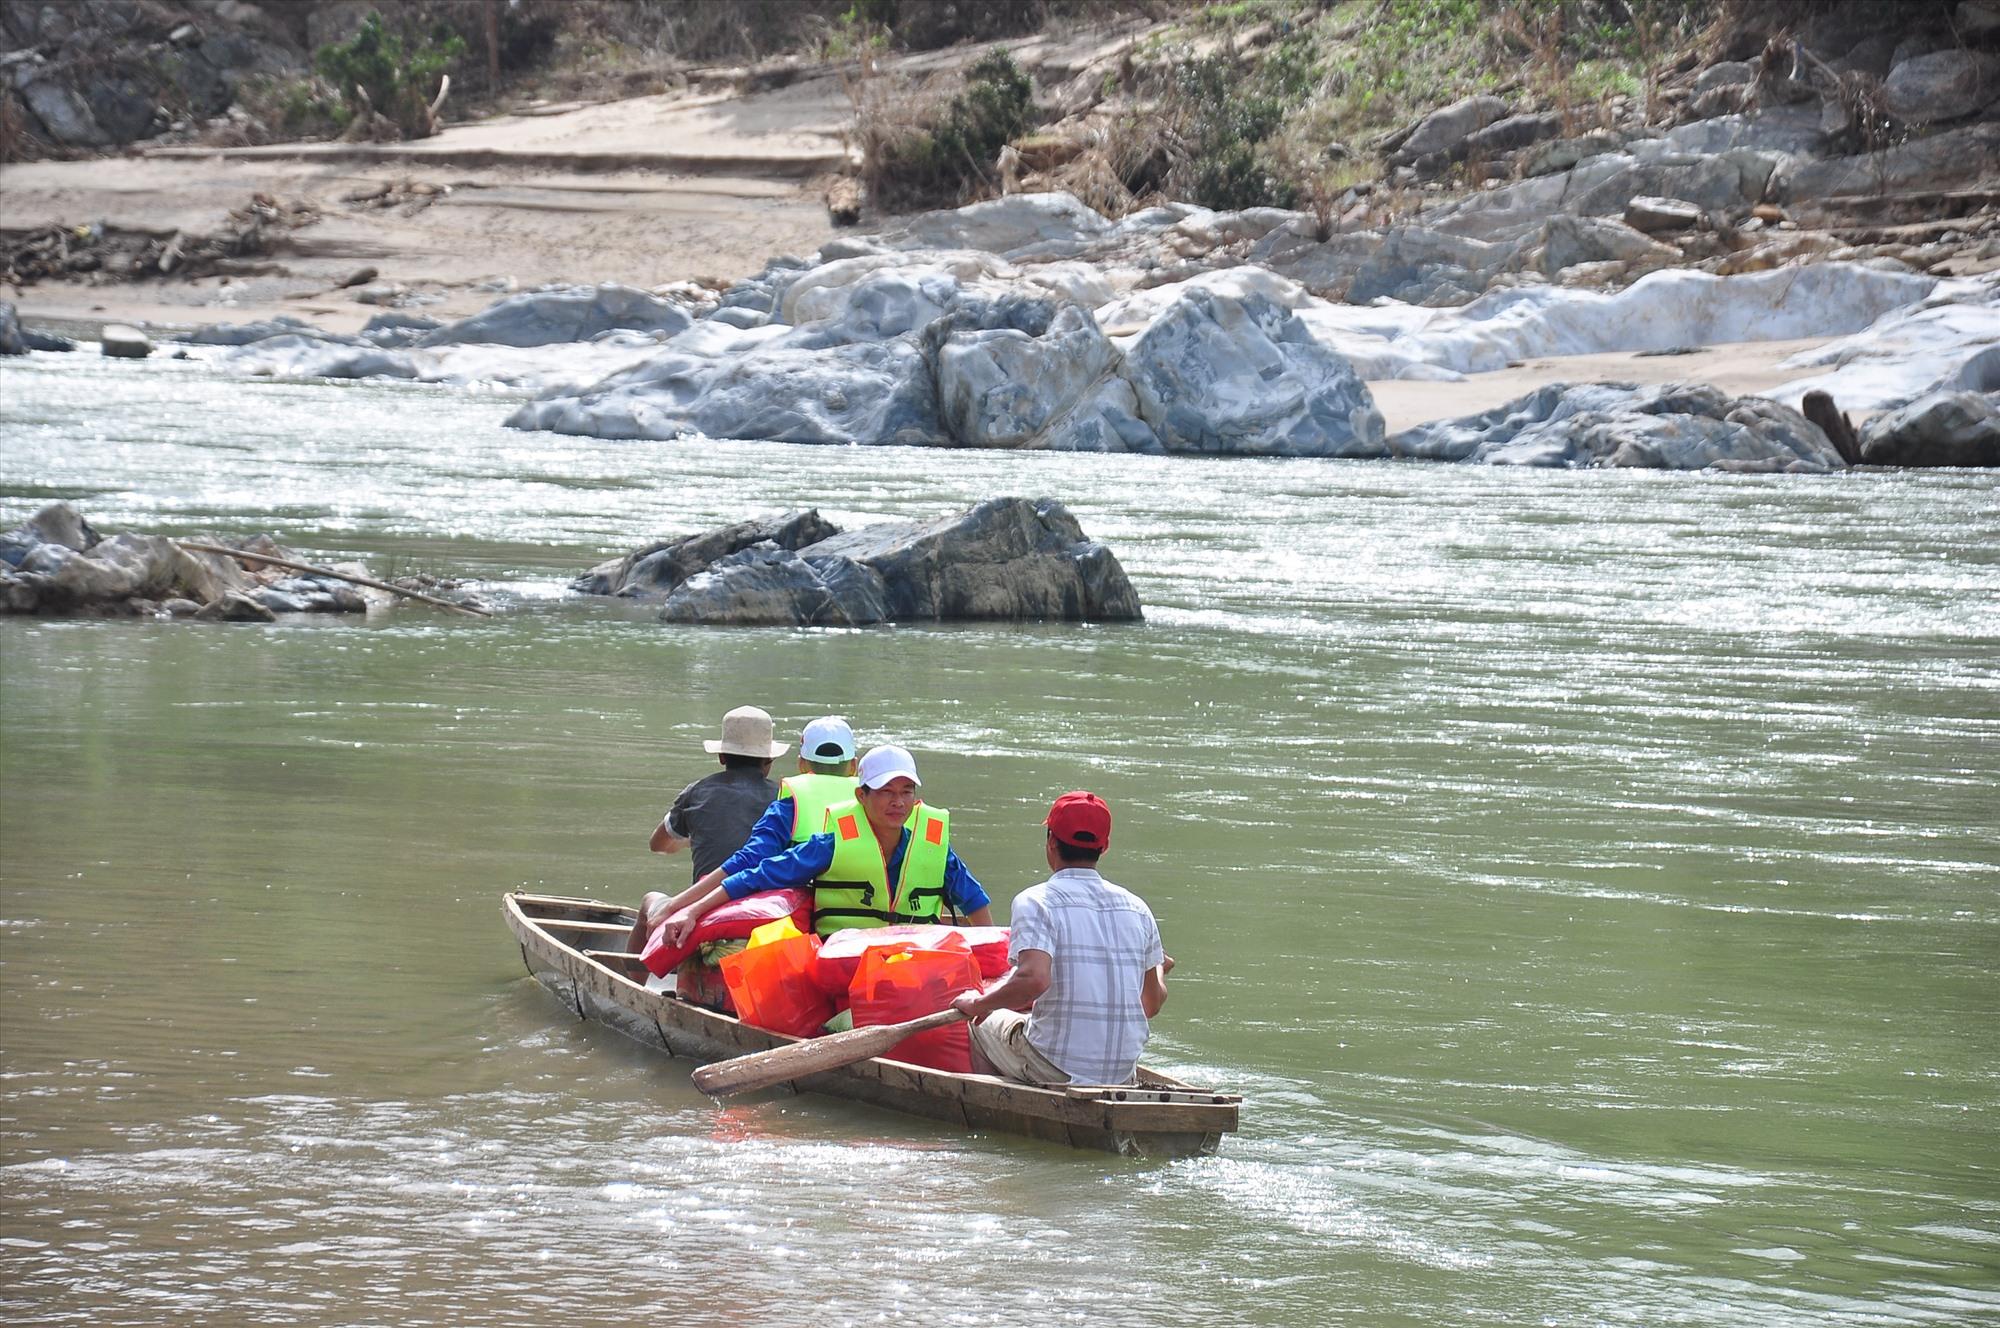 Để vượt sông Tranh đòi hỏi những người chèo đò phải có kinh nghiệm, am hiểm dòng chảy. Ảnh: VINH ANH